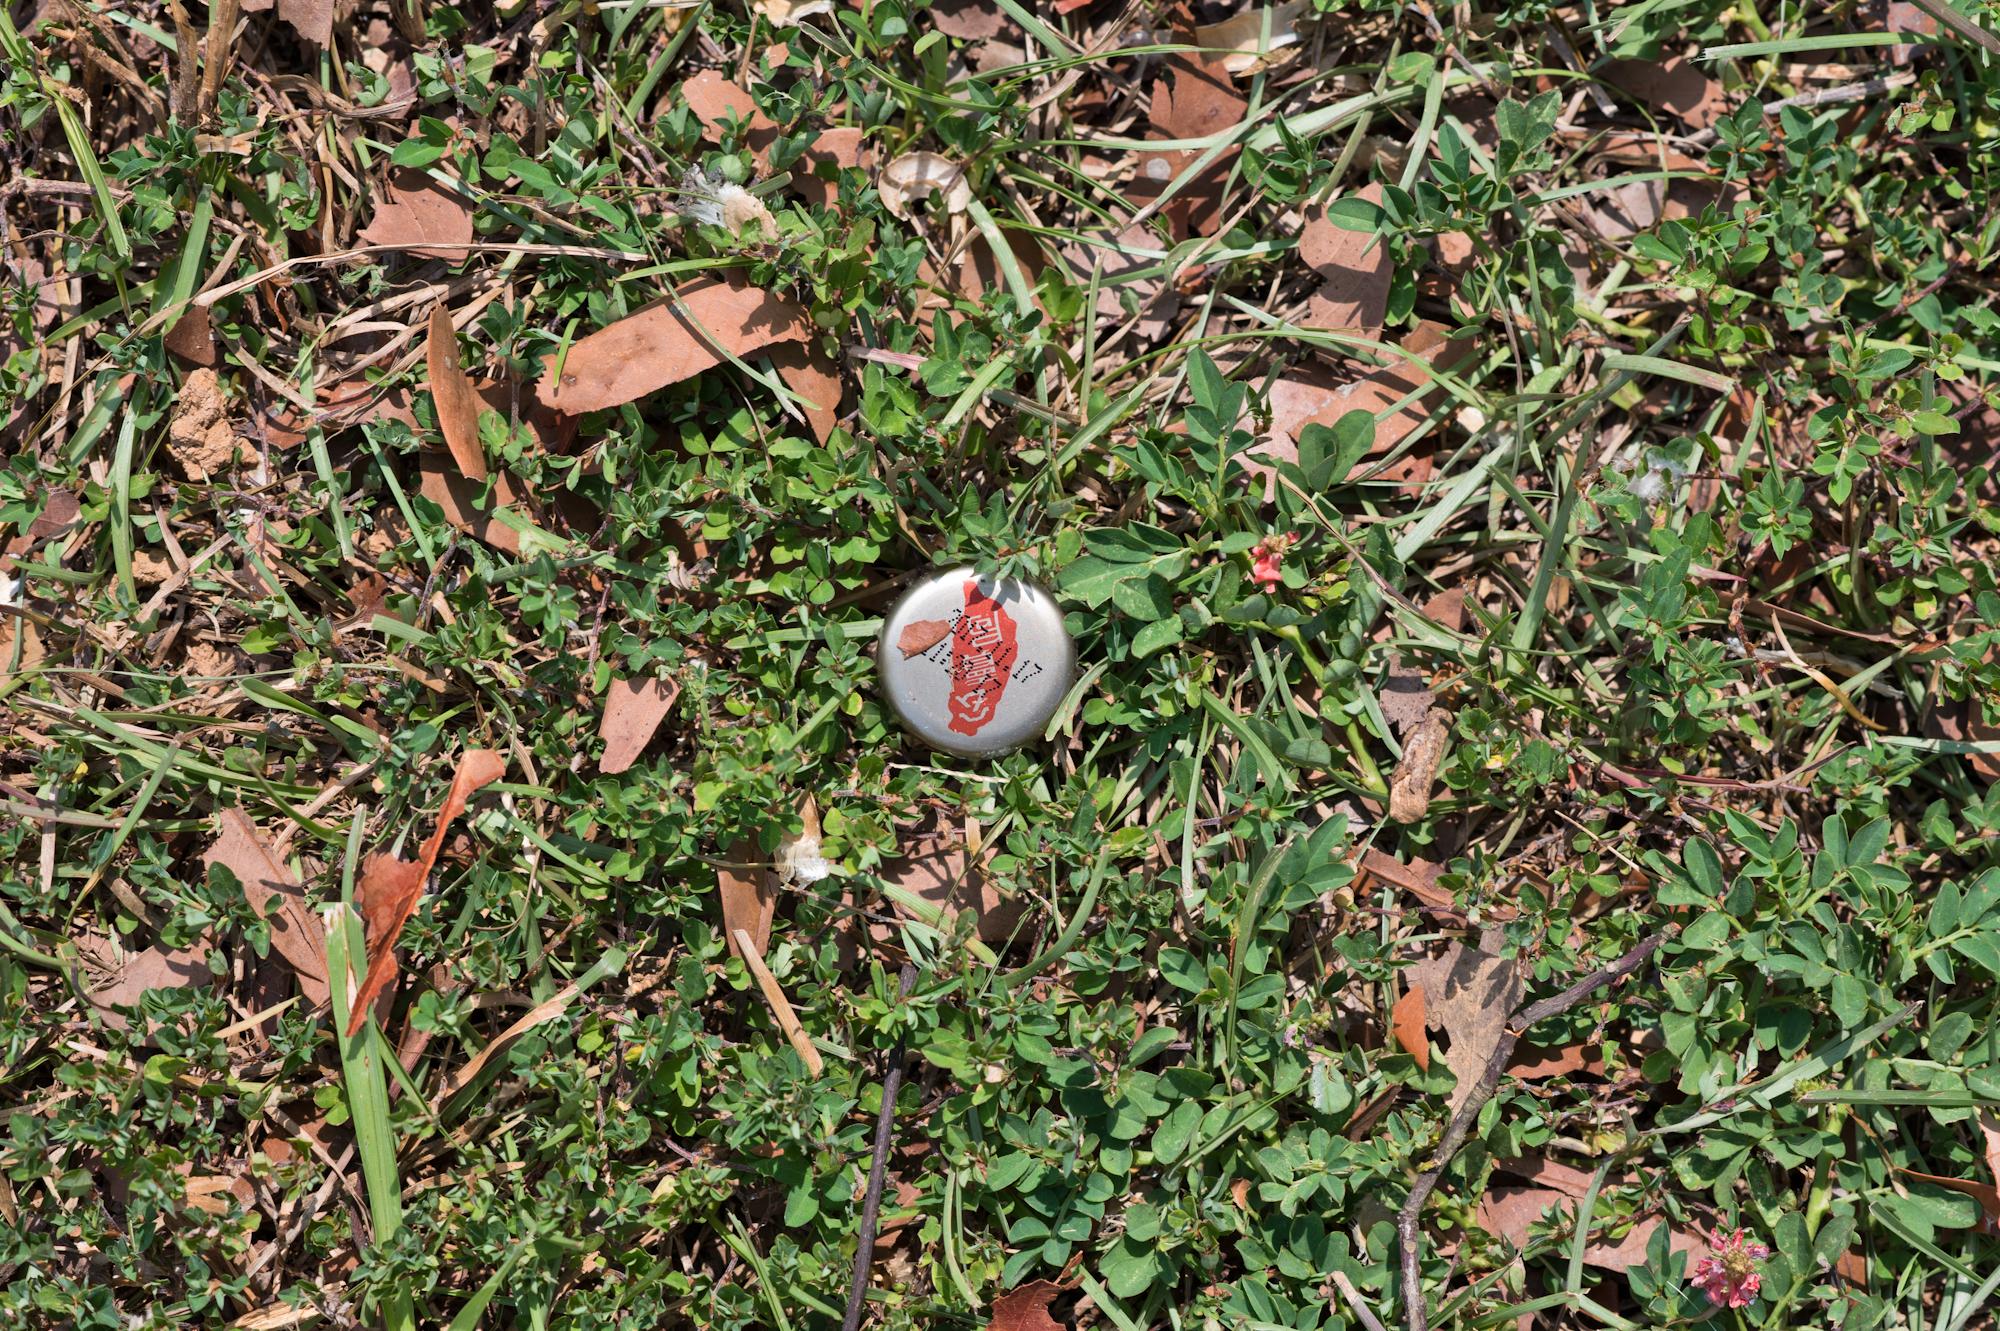 暨南大學校園草地上的垃圾。南投埔里桃米